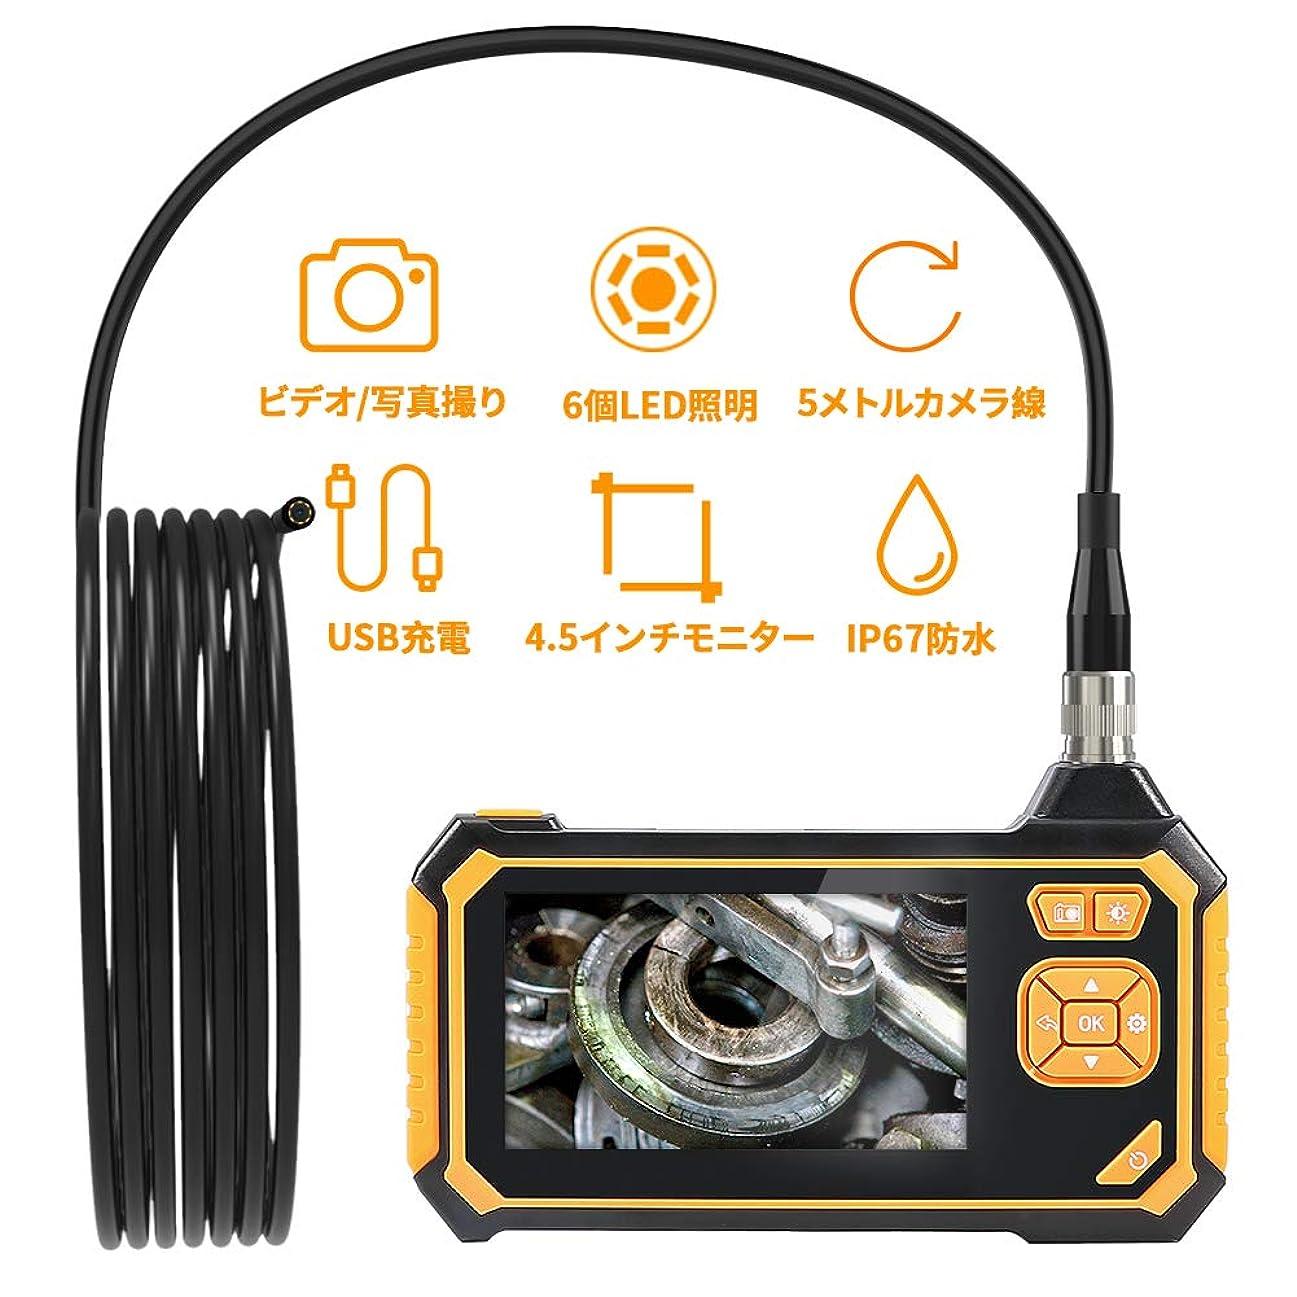 ゆり持参感嘆符Rotek 検査カメラ スネークカメラ スコープ カメラ内視鏡 マイクロスコープ ファイバースコープ 防水内視鏡 IP67防水 ワイヤレス 工業用USB充電式 4.3インチスクリーン 画面360度画面回転可能 1080p解像度 多言語対応 2600mah大容量バッテリー 操作簡単 5mカメラ硬性内視鏡 8mmレンズ 6LED暗視鏡 照度調節可能 APP WIFI スマホ不要 水中観察 家庭掃除 車 空調 排水口 設備の点検用品